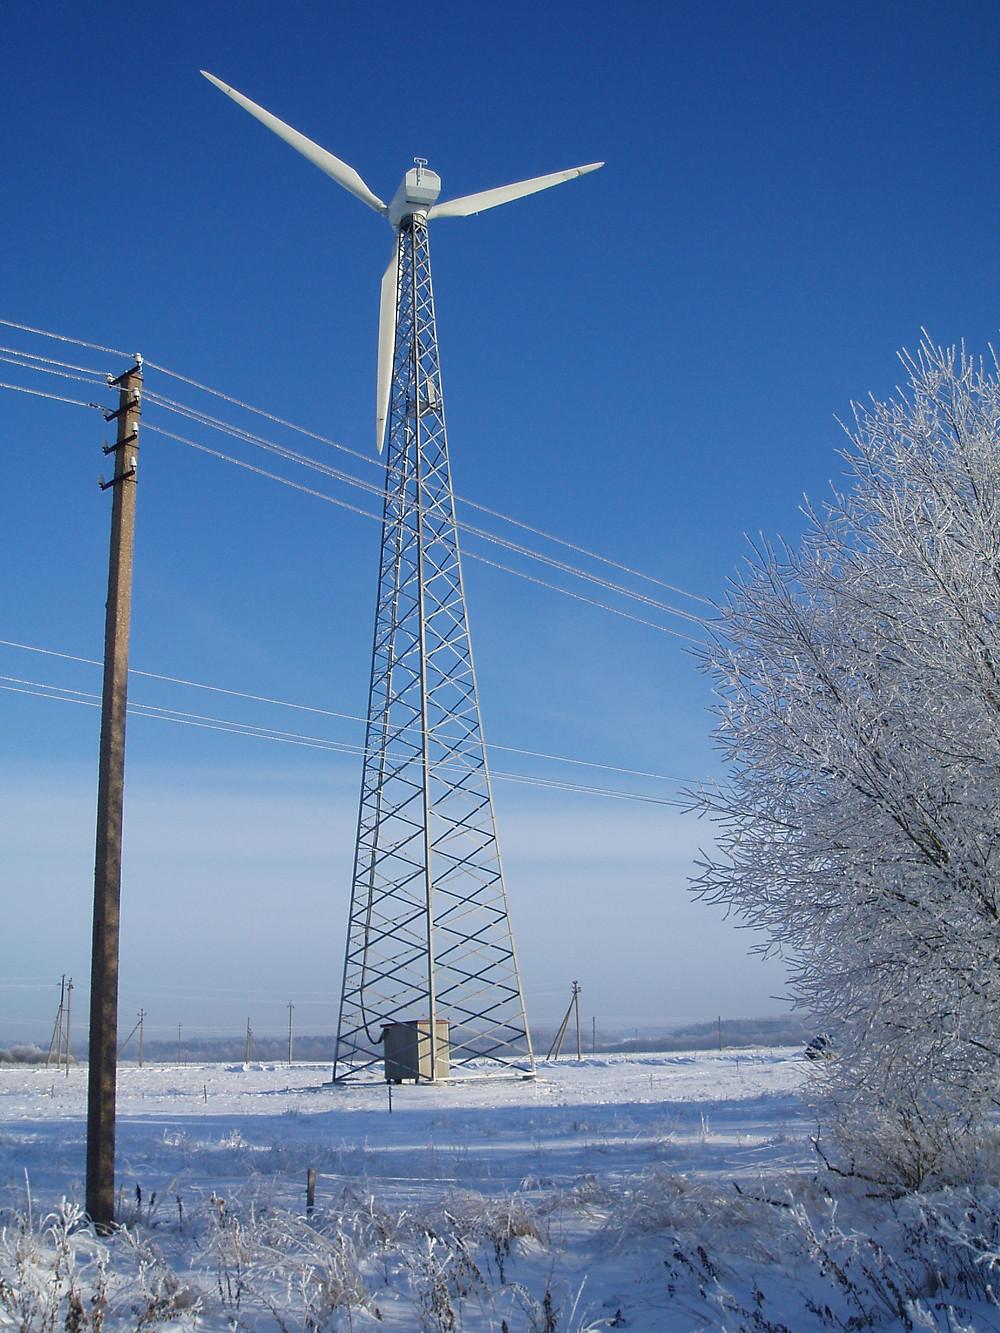 Middelgrote windmolen of windturbine